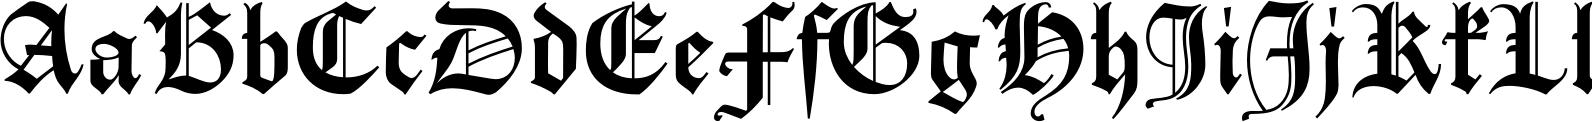 Parler Gotisch